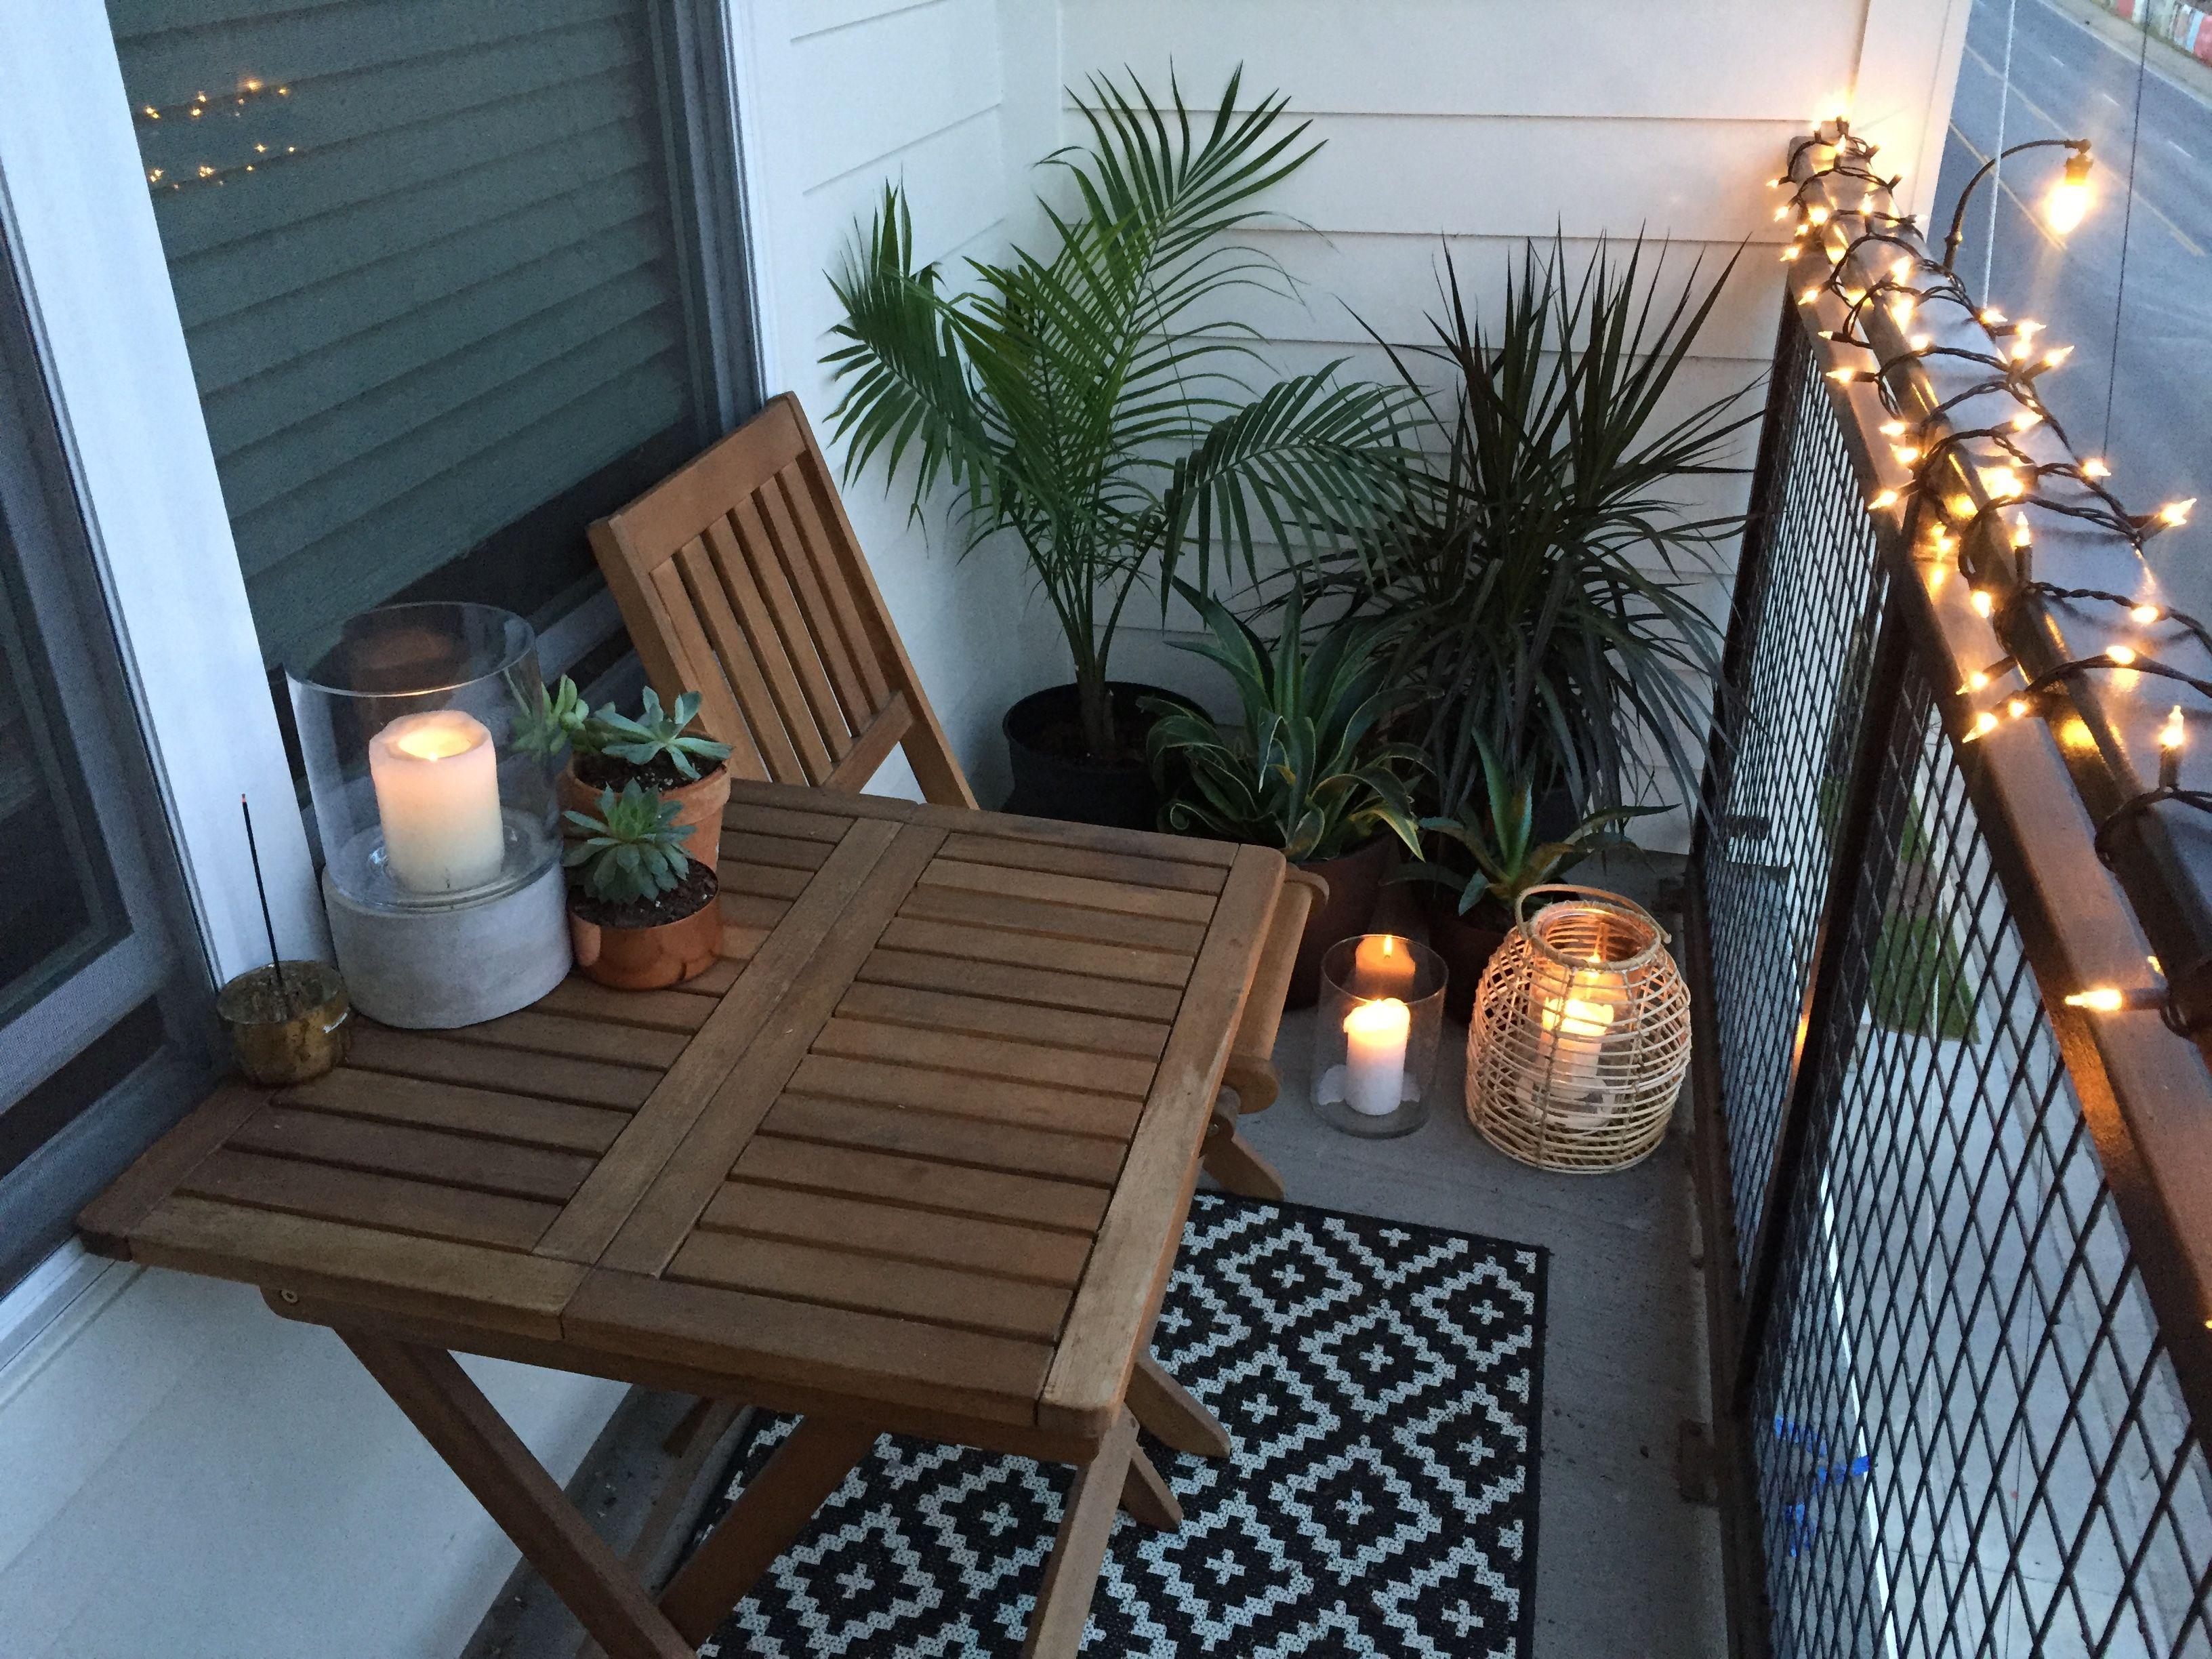 apartment small balcony decor ideas and design balcony garden